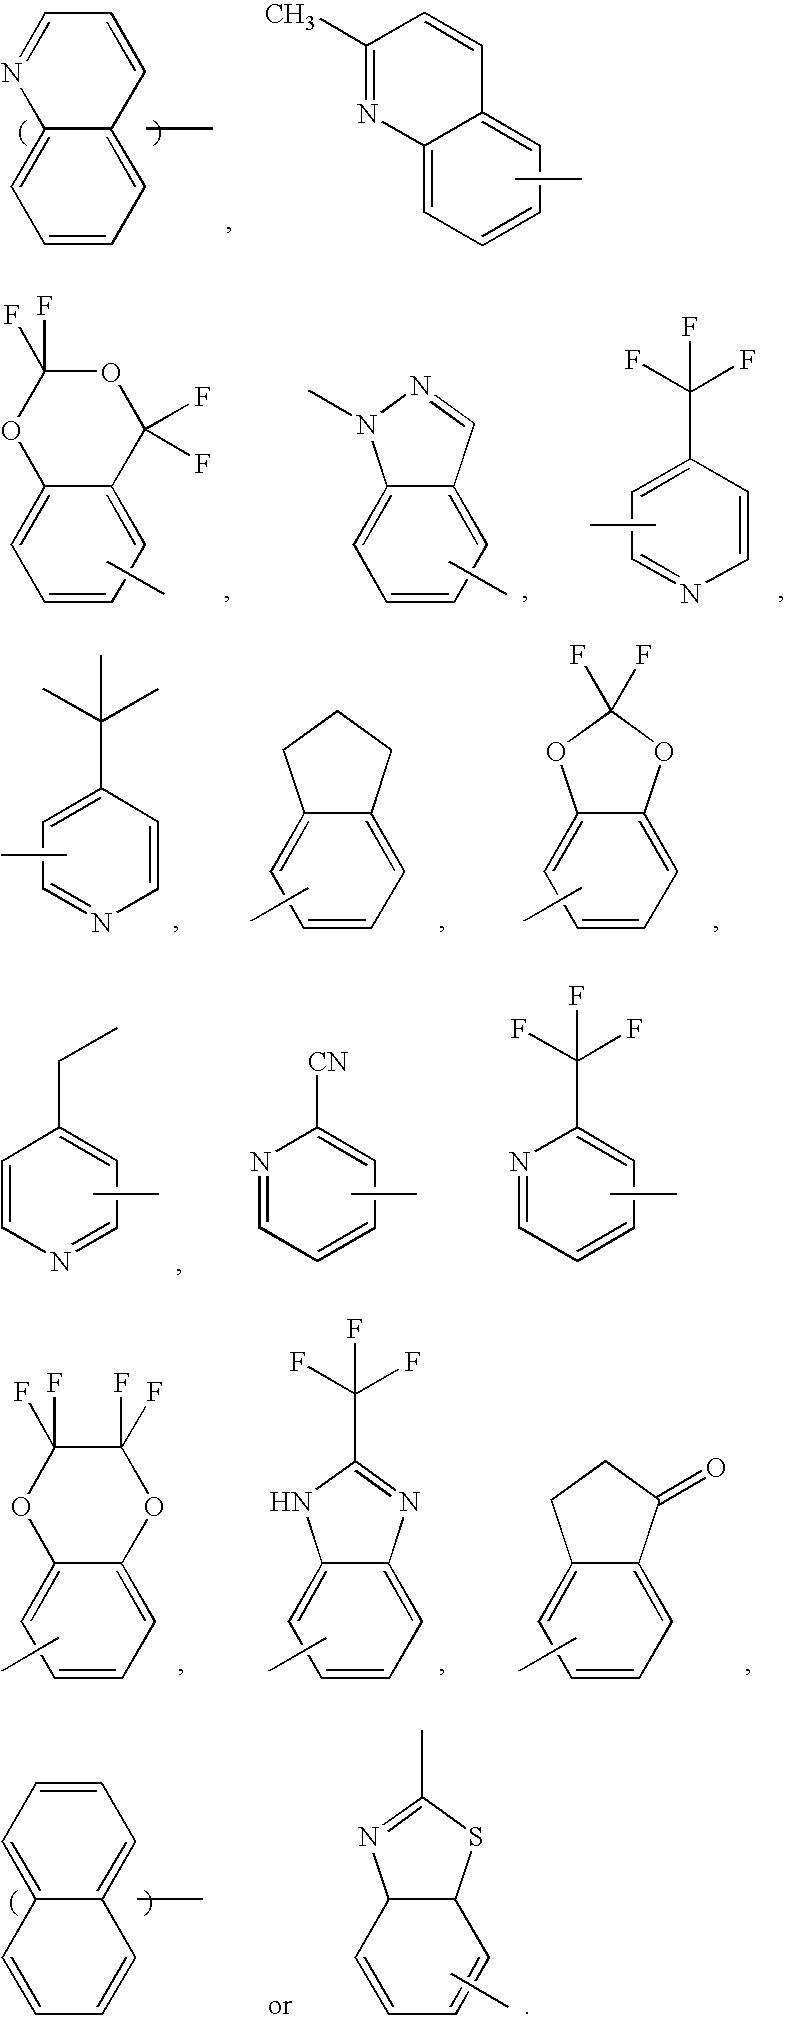 Figure US07557129-20090707-C00013